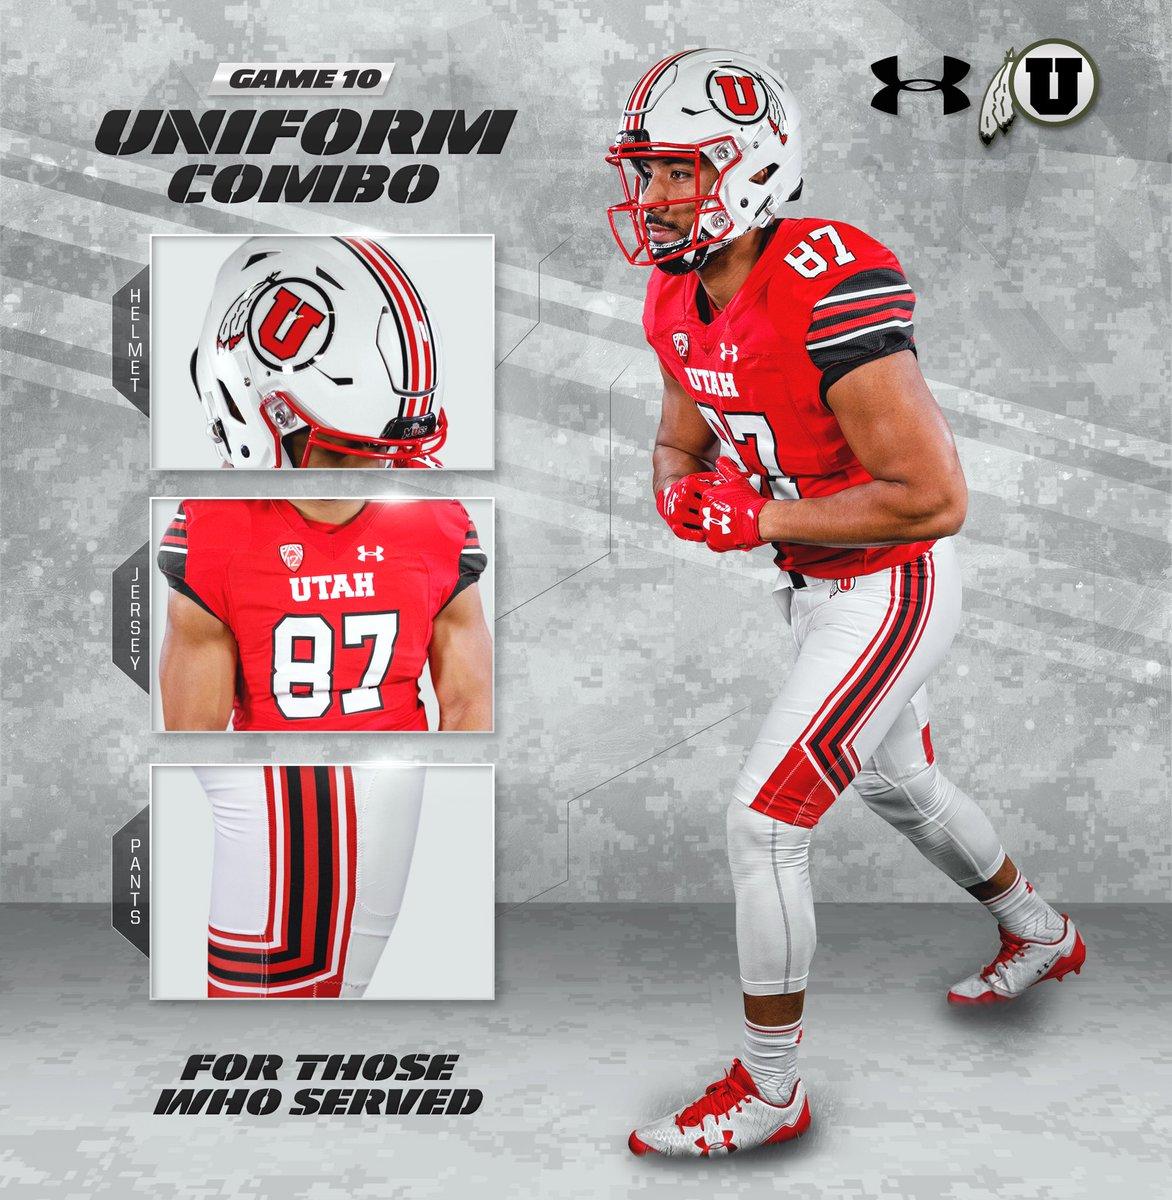 online retailer ee22f 0b97e Utah Football on Twitter: